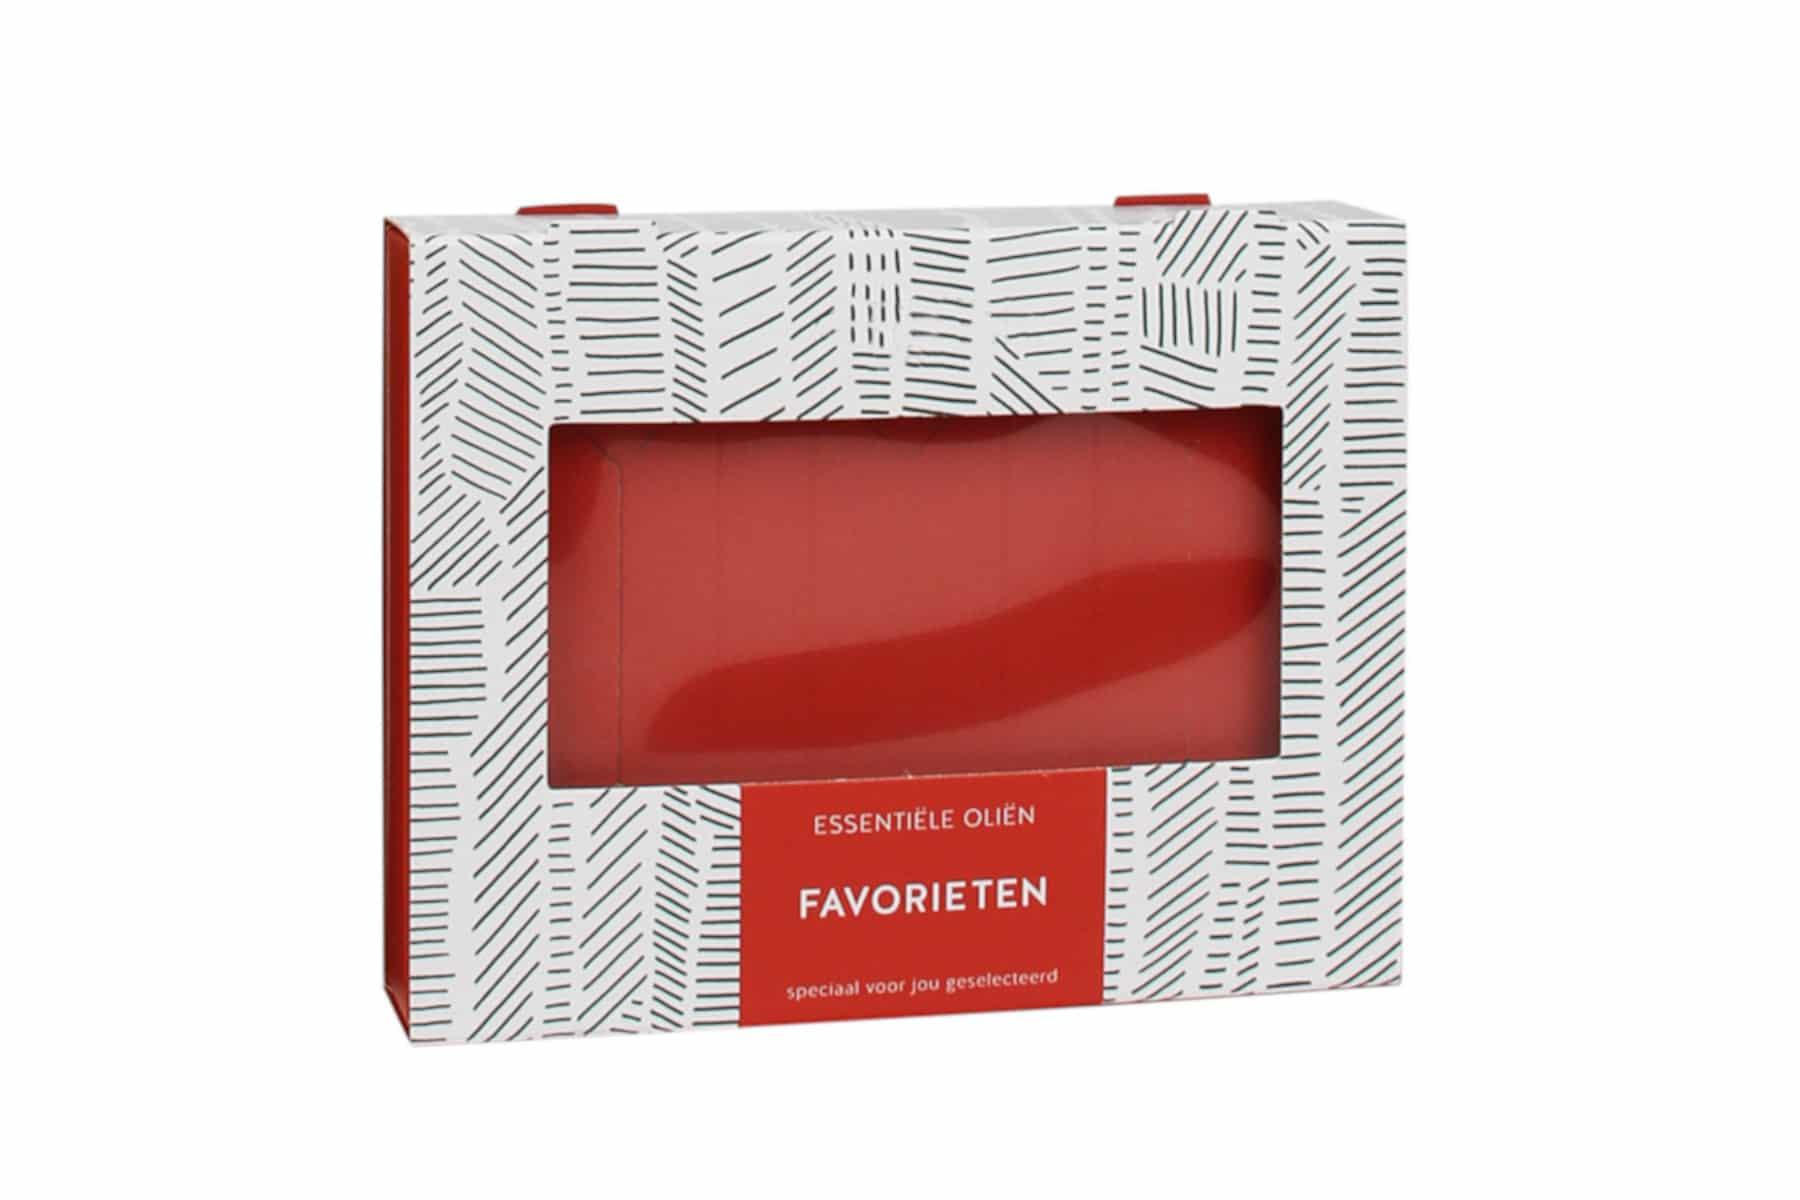 vouwkarton-verpakking-favorieten-mmb